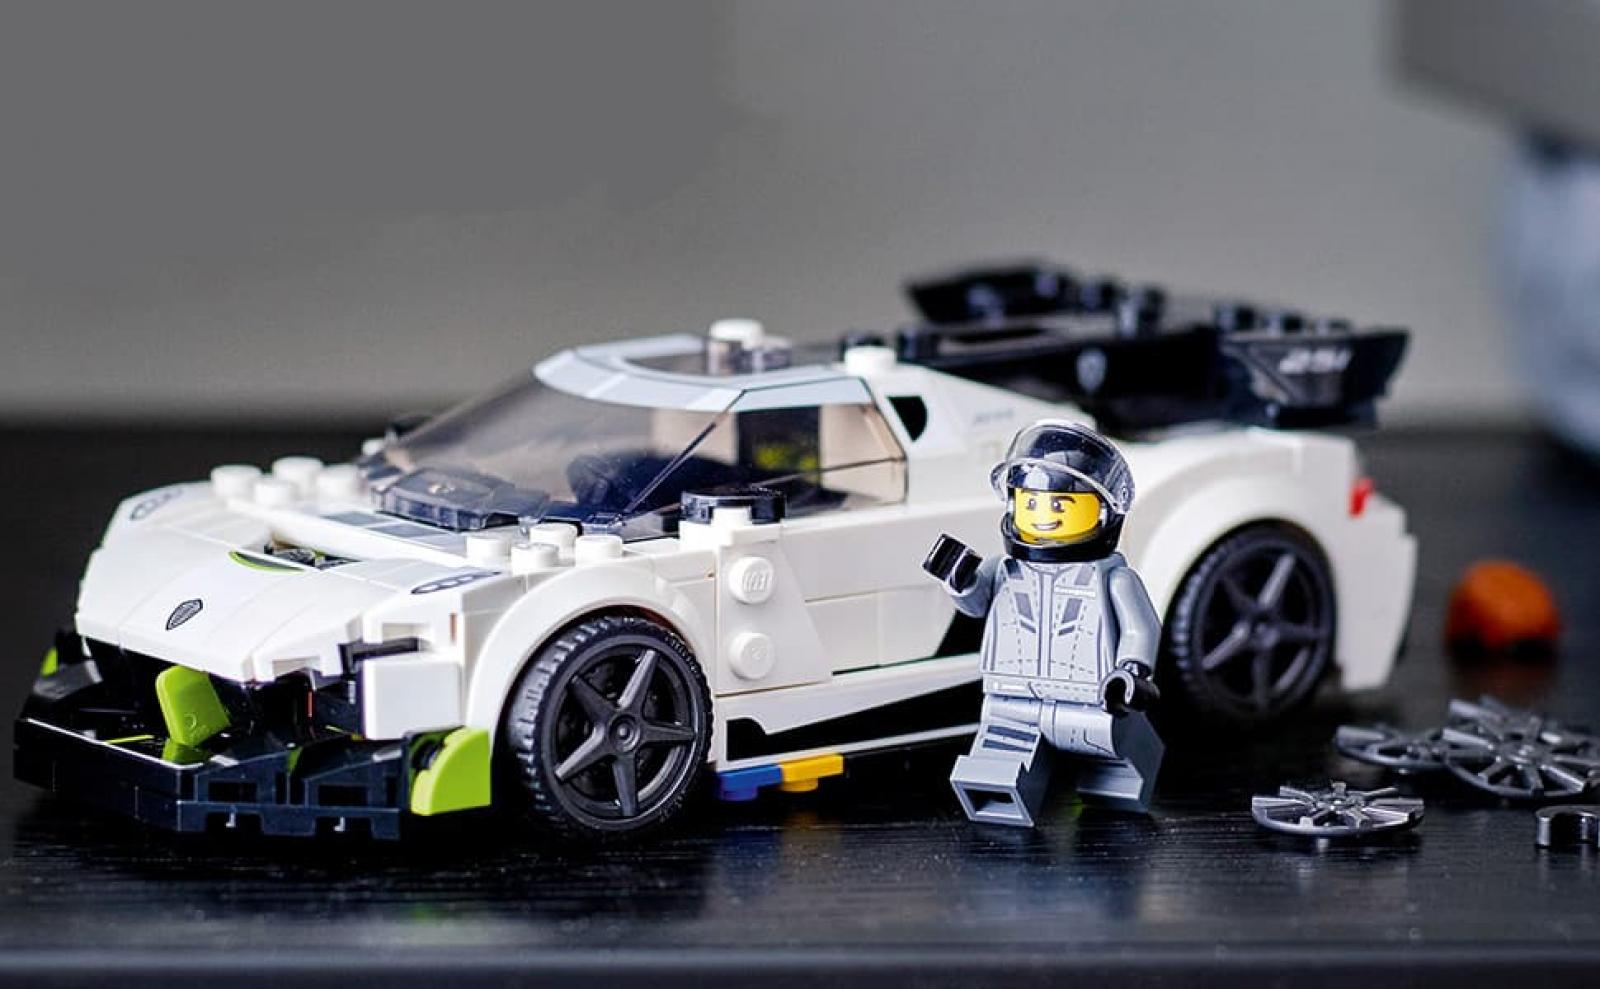 Bộ lắp ráp cho bé siêu xe đua Koenigsegg 029